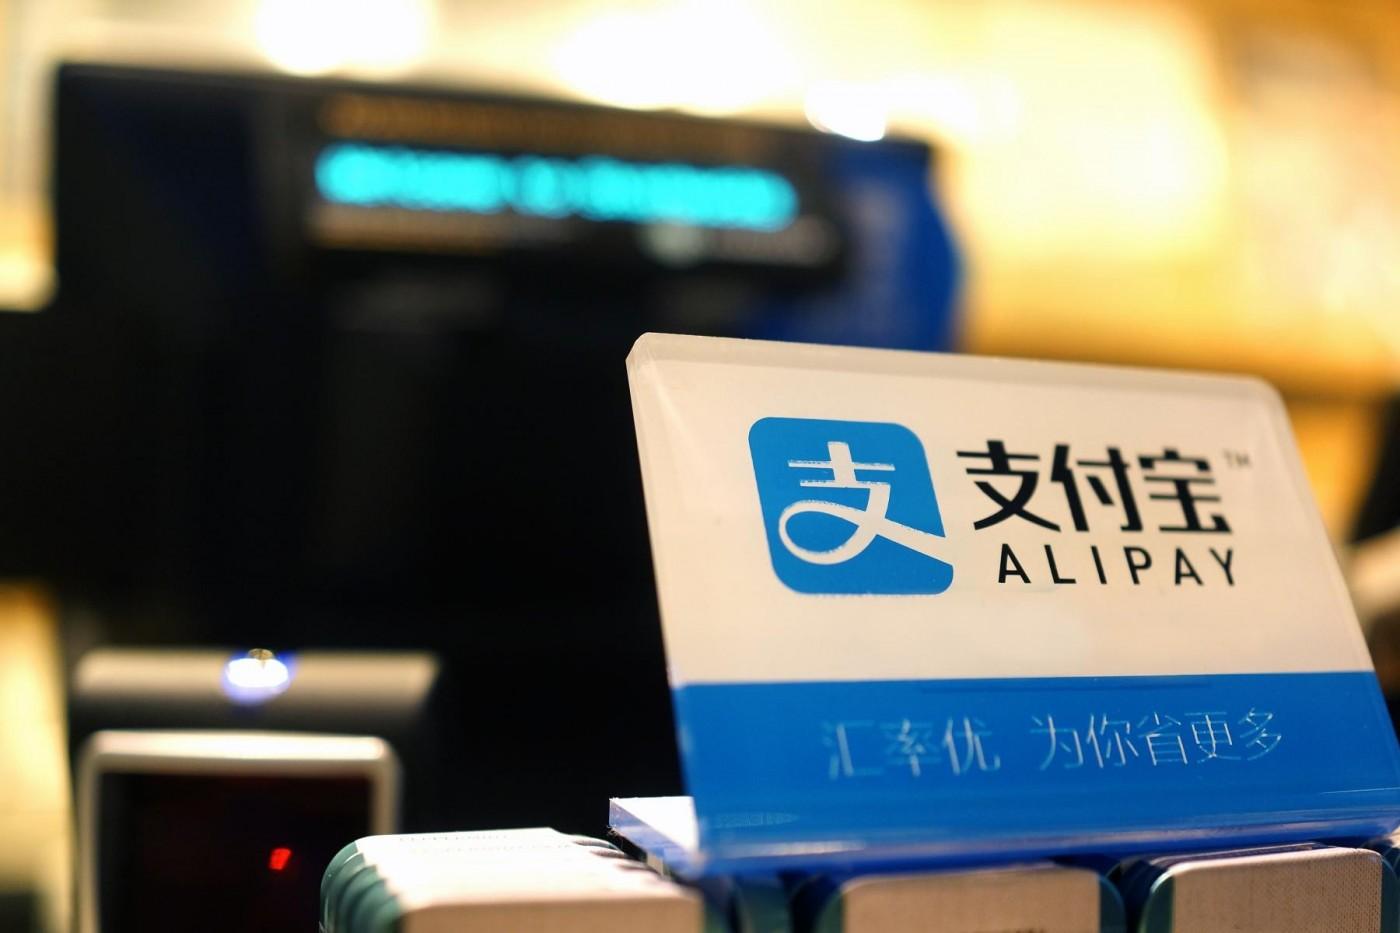 解除封印!支付寶開放外國旅客綁定信用卡儲值,微信支付也近了